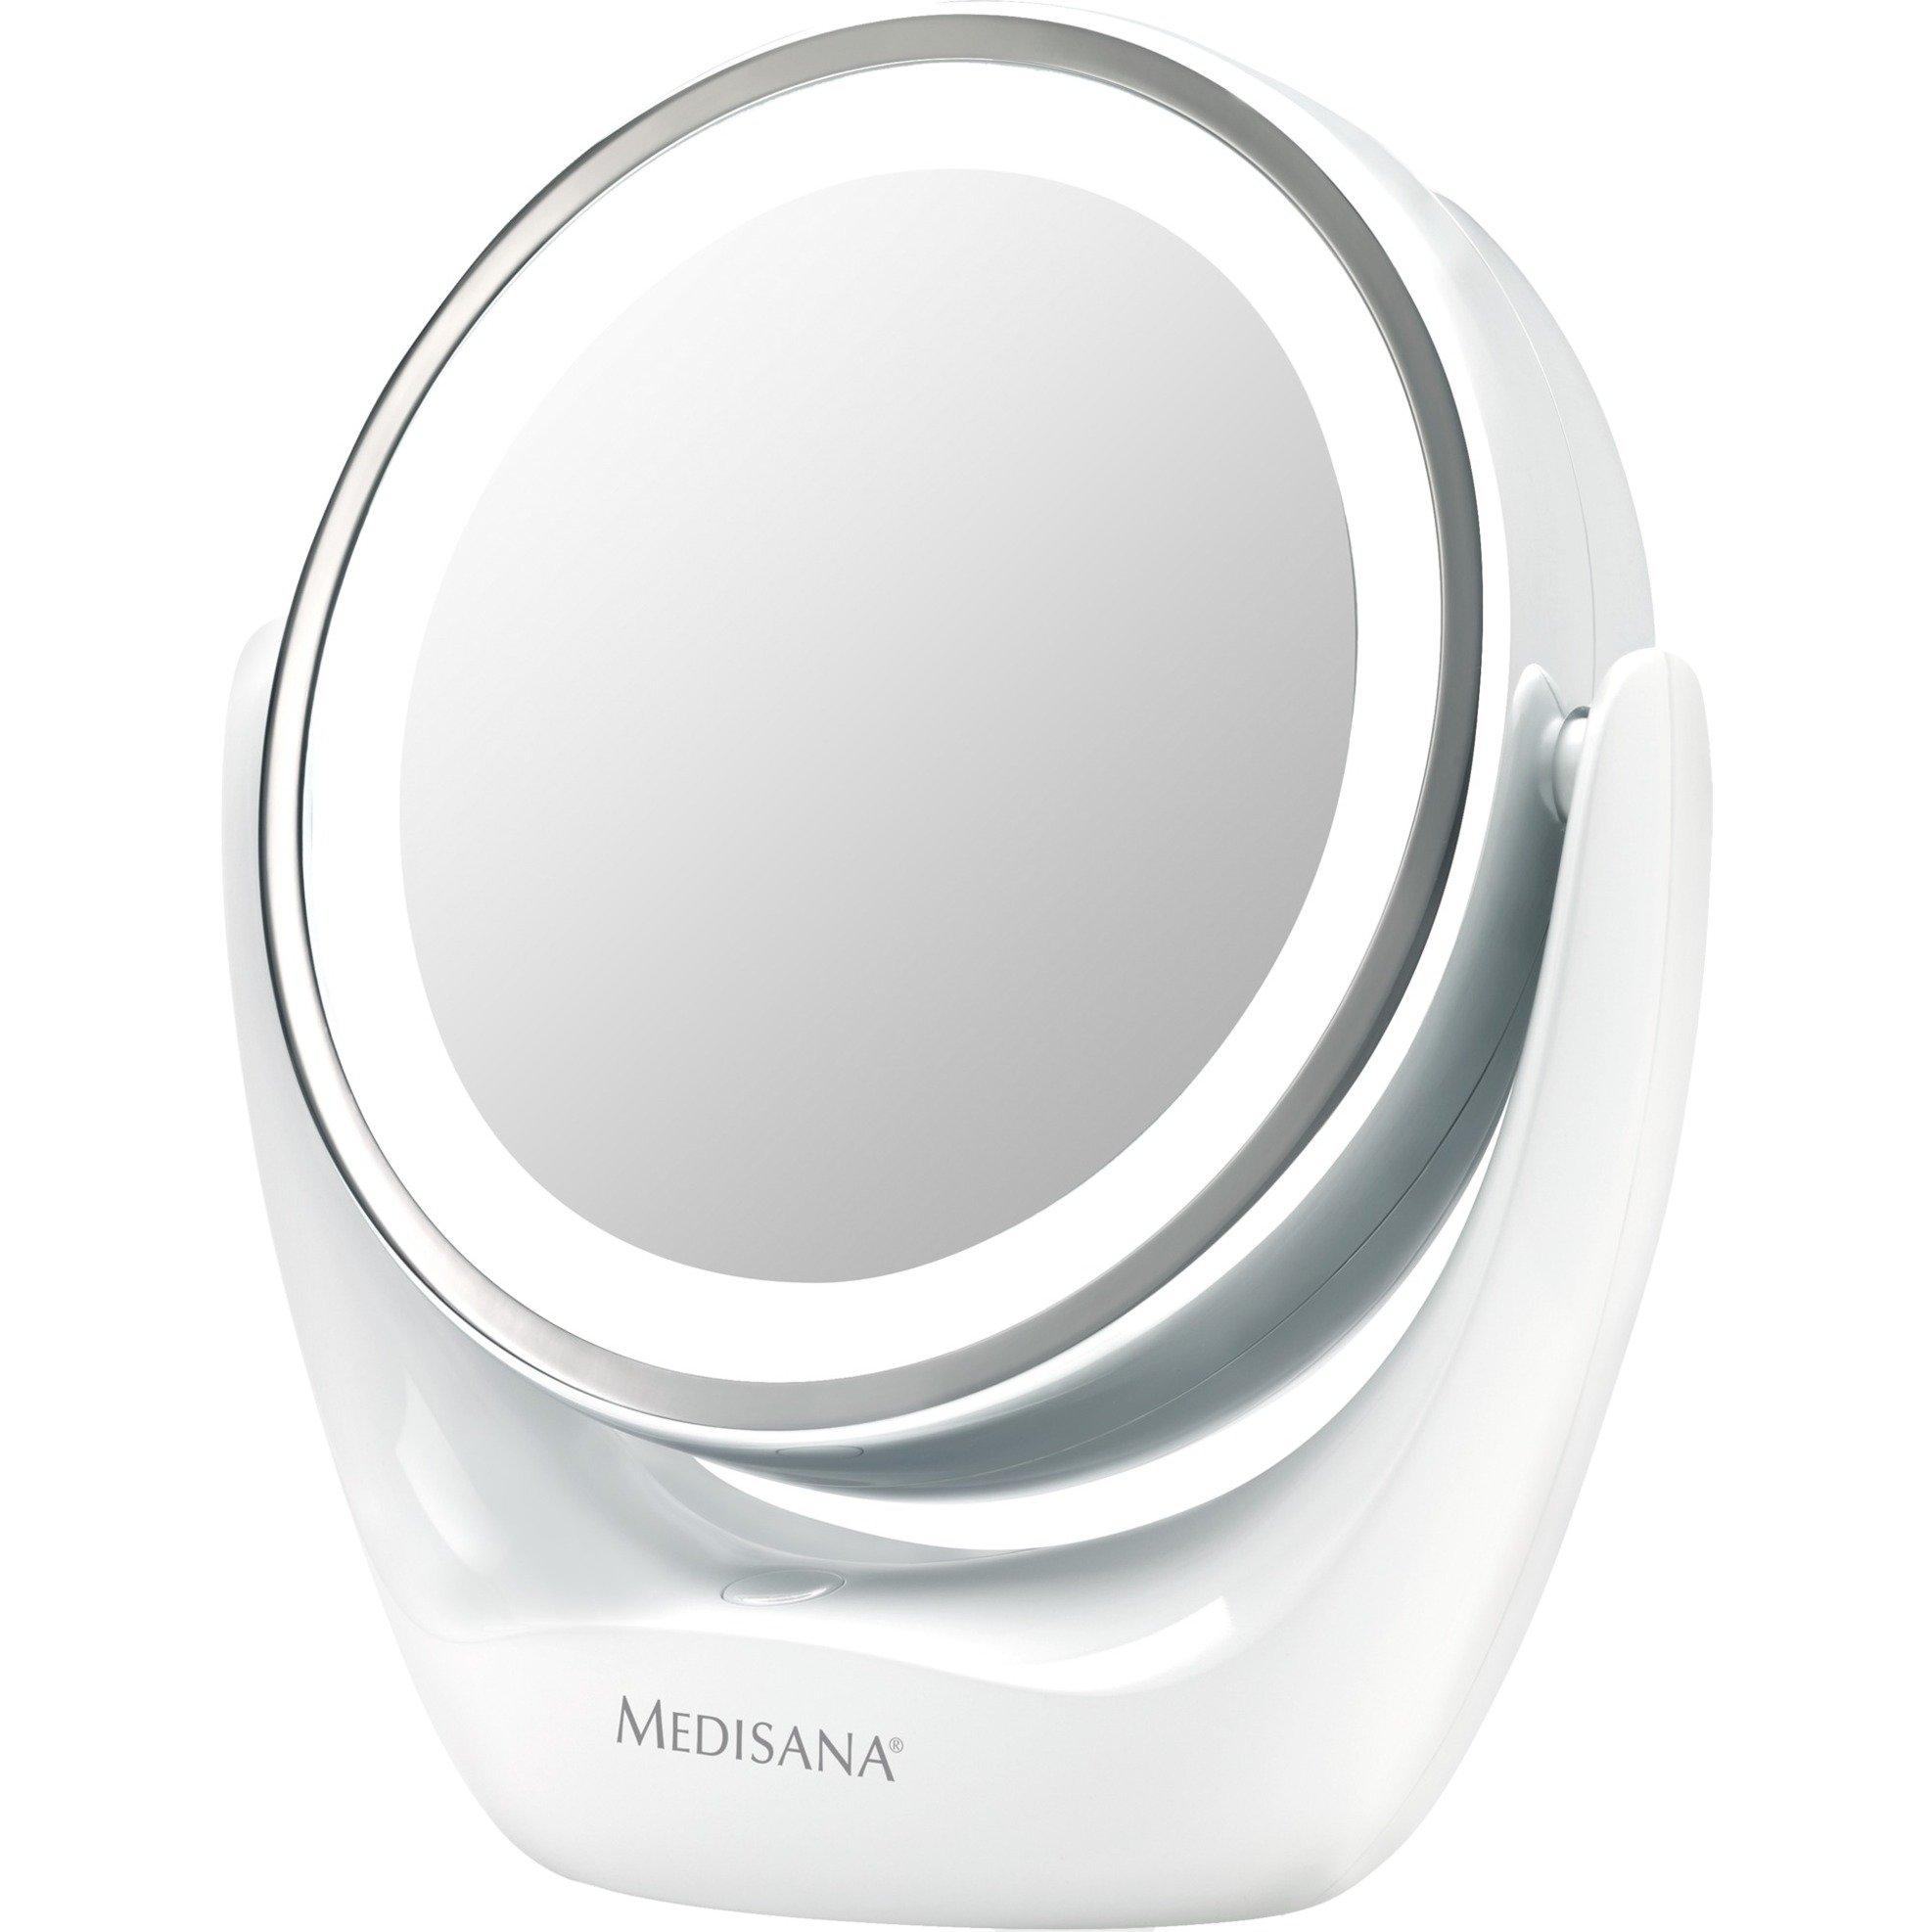 CM 835 Independiente Alrededor Cromo espejo para maquillaje, Espejo de aumento